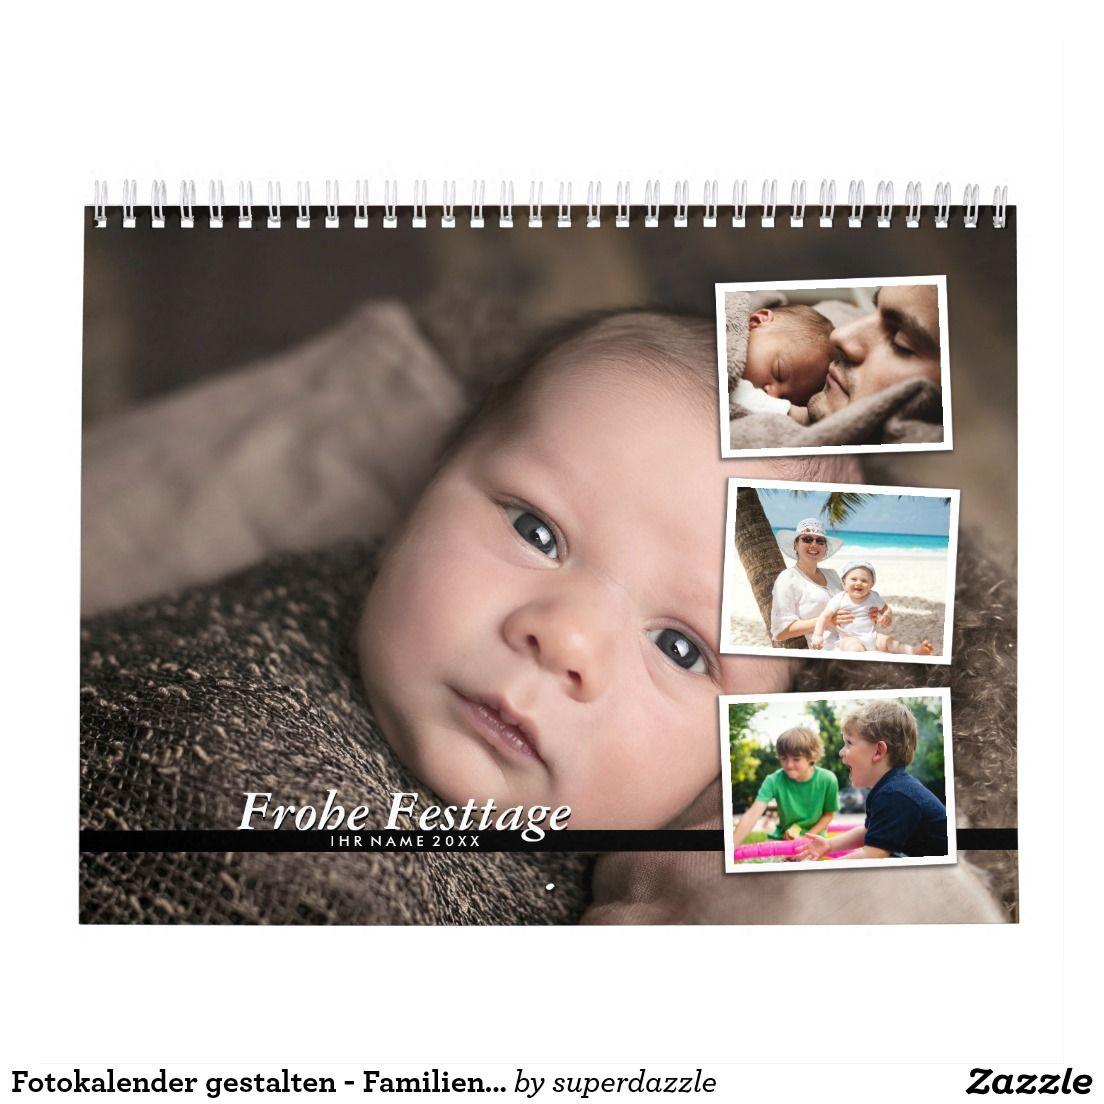 fotokalender gestalten familienkalender 2018 kalender. Black Bedroom Furniture Sets. Home Design Ideas